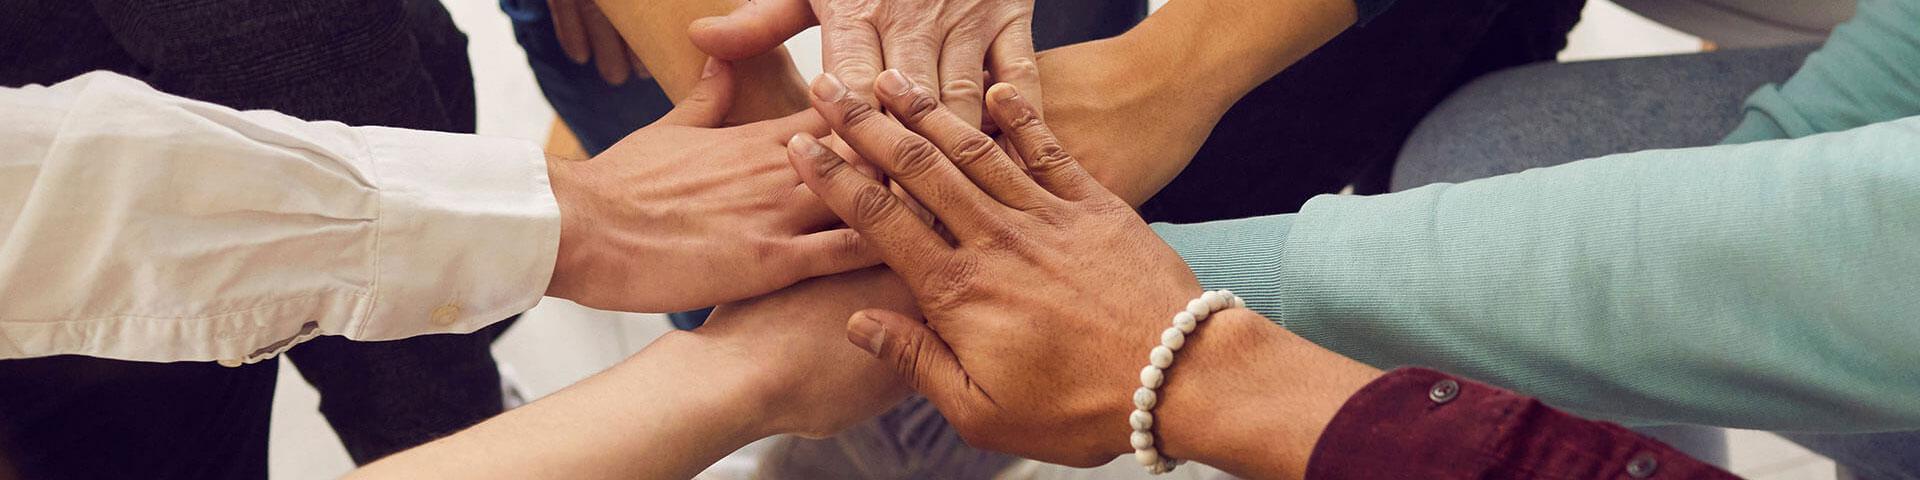 Menschen unterschiedlichen Alters und Nationalitäten legen ihre Hände übereinander und symbolisieren ihre Einheit und Unterstützung. Team von Menschen, die für produktive Arbeit und ein positives Ergebnis eingerichtet sind.